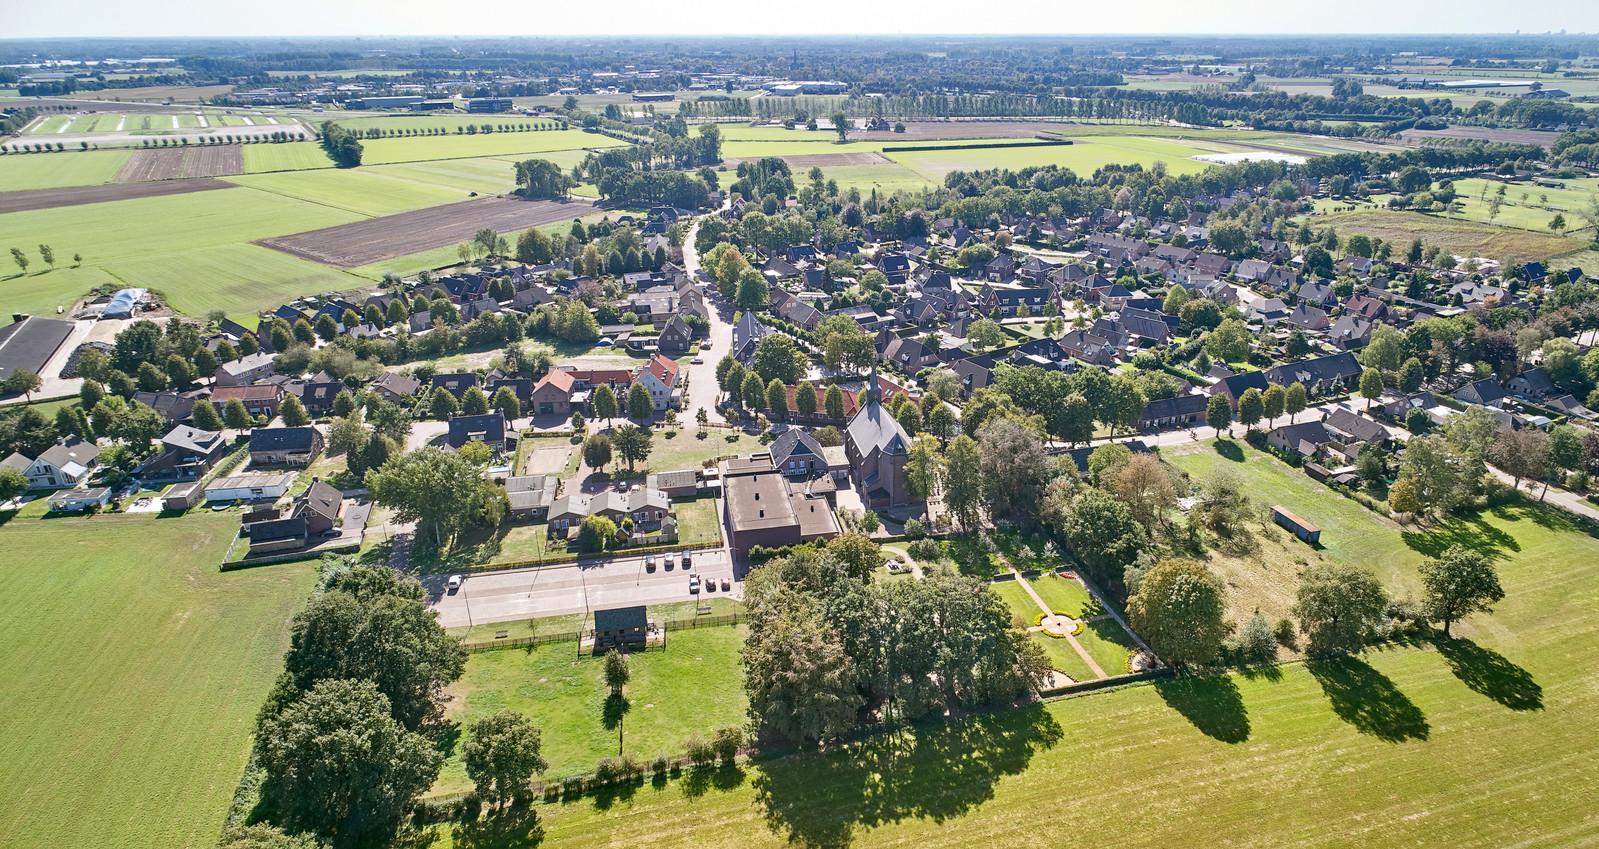 Boerdonk, overzicht met centraal de kerk en herberg 't Mirakel.